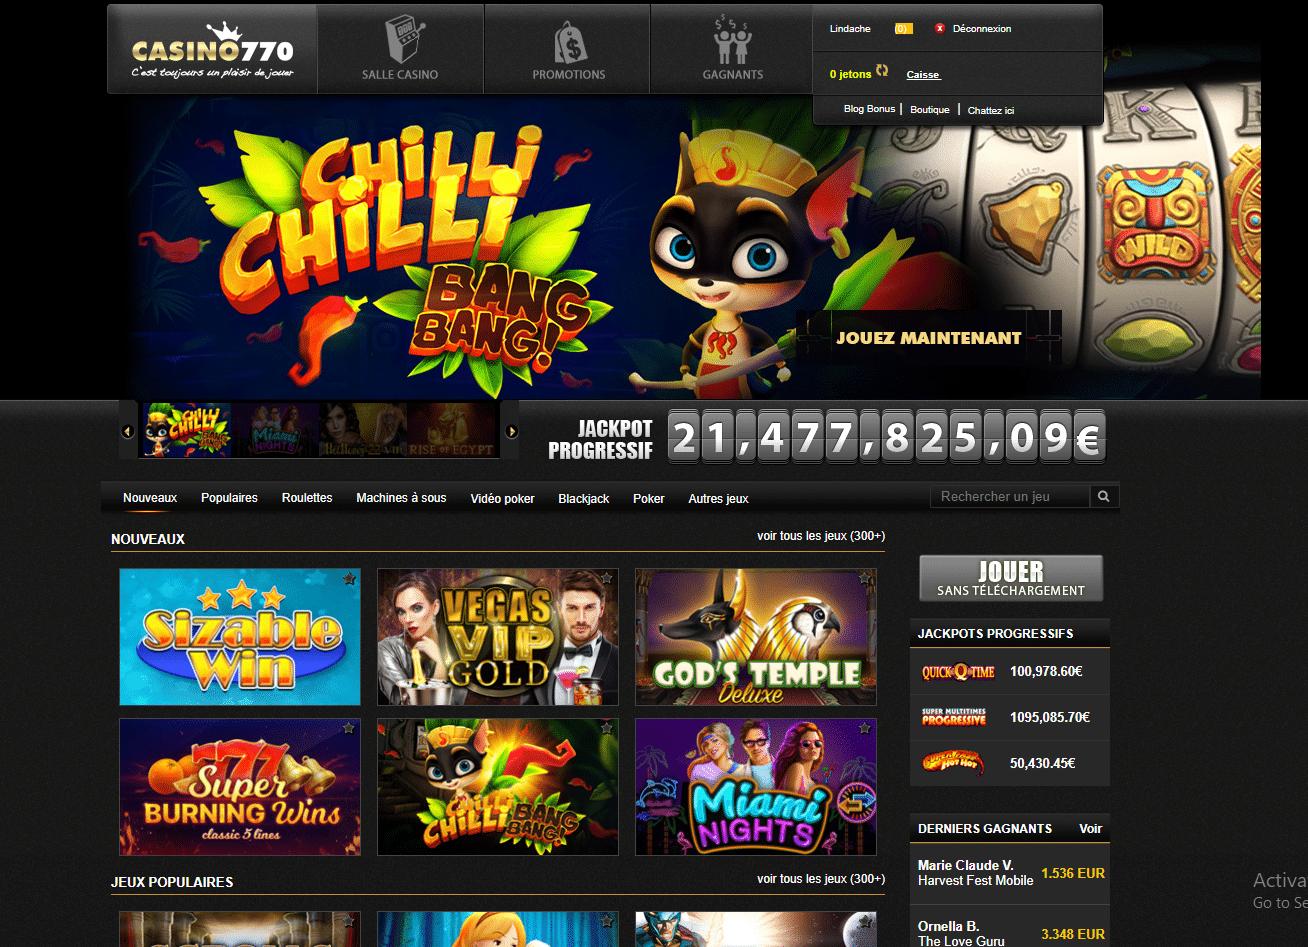 Découvrez notre avis sur Casino770, un casino en ligne fiable et sécurisé